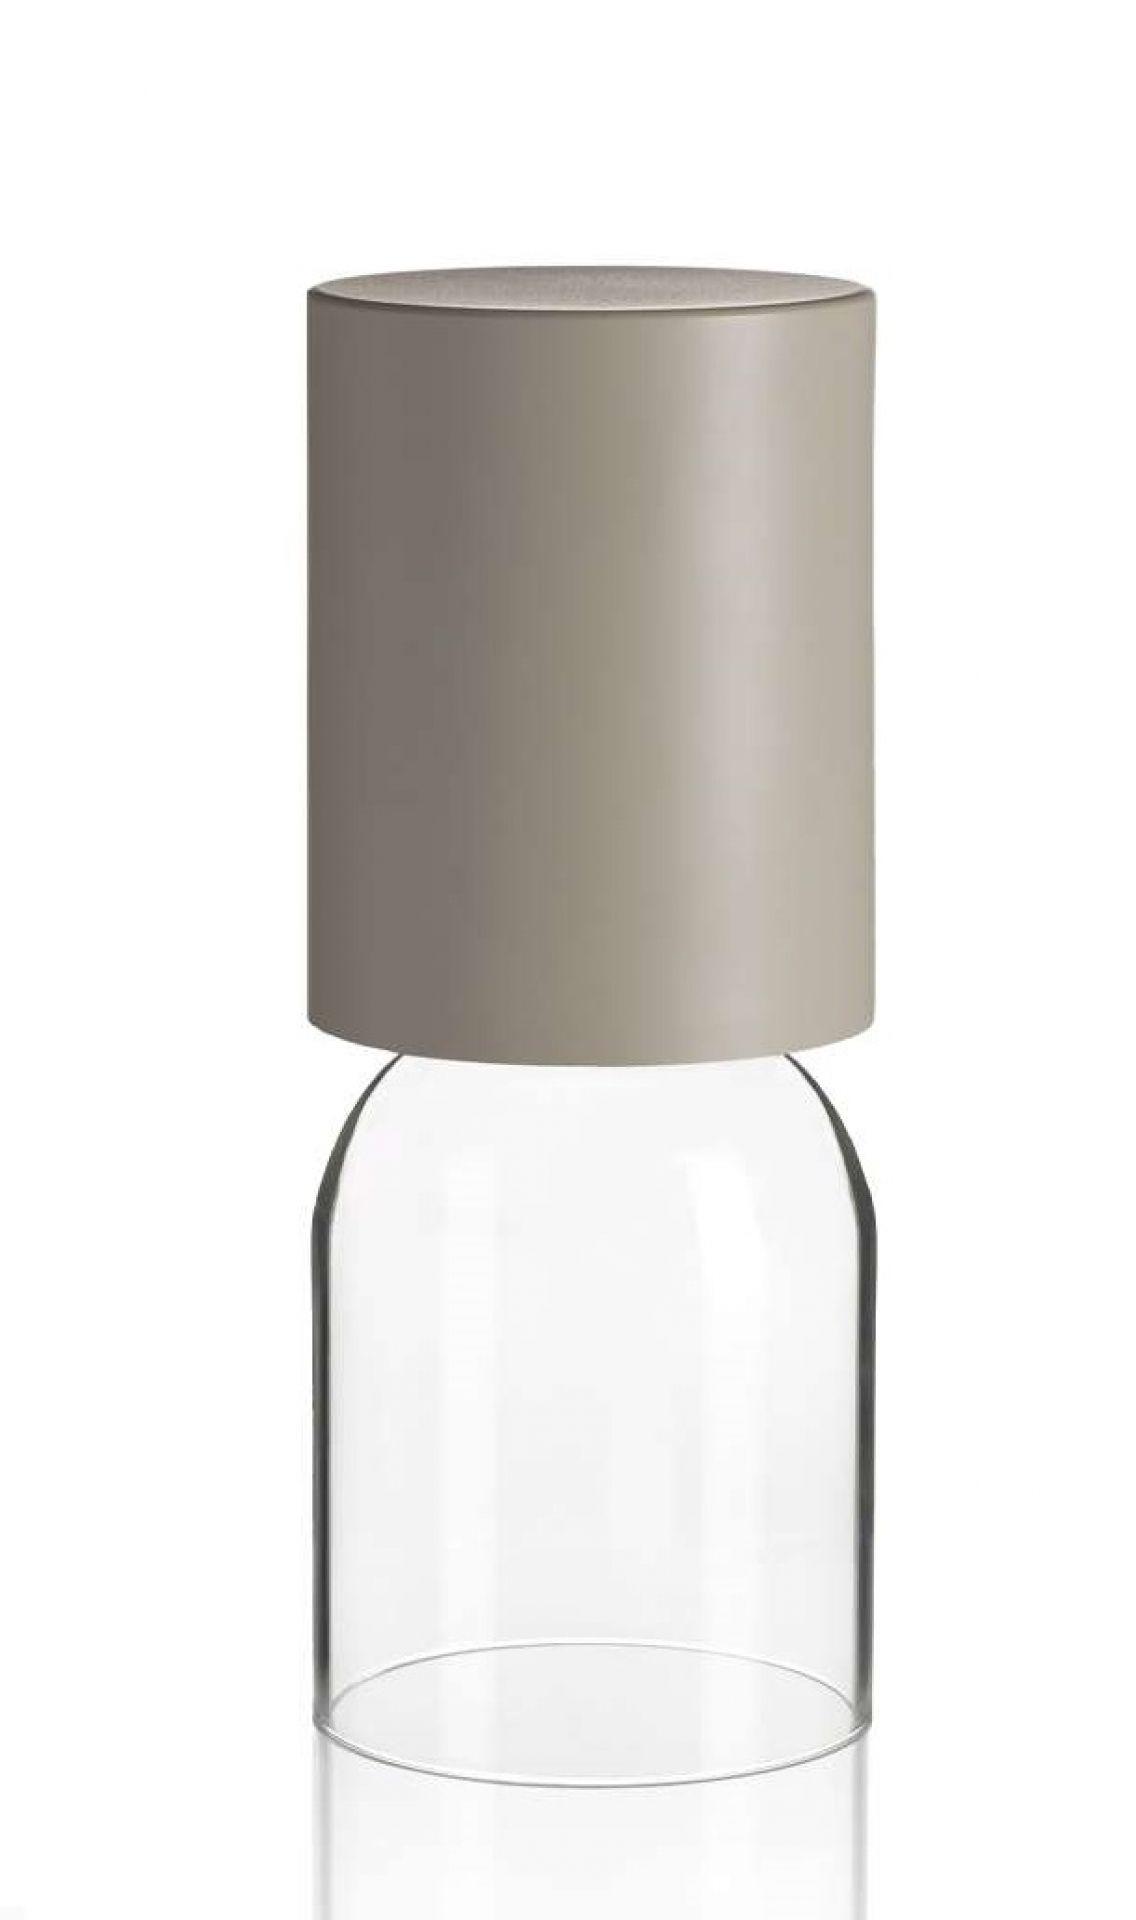 A02R1 NUI Mini Outdoor Portable lamp Akkuleuchte / Tischleuchte Luceplan